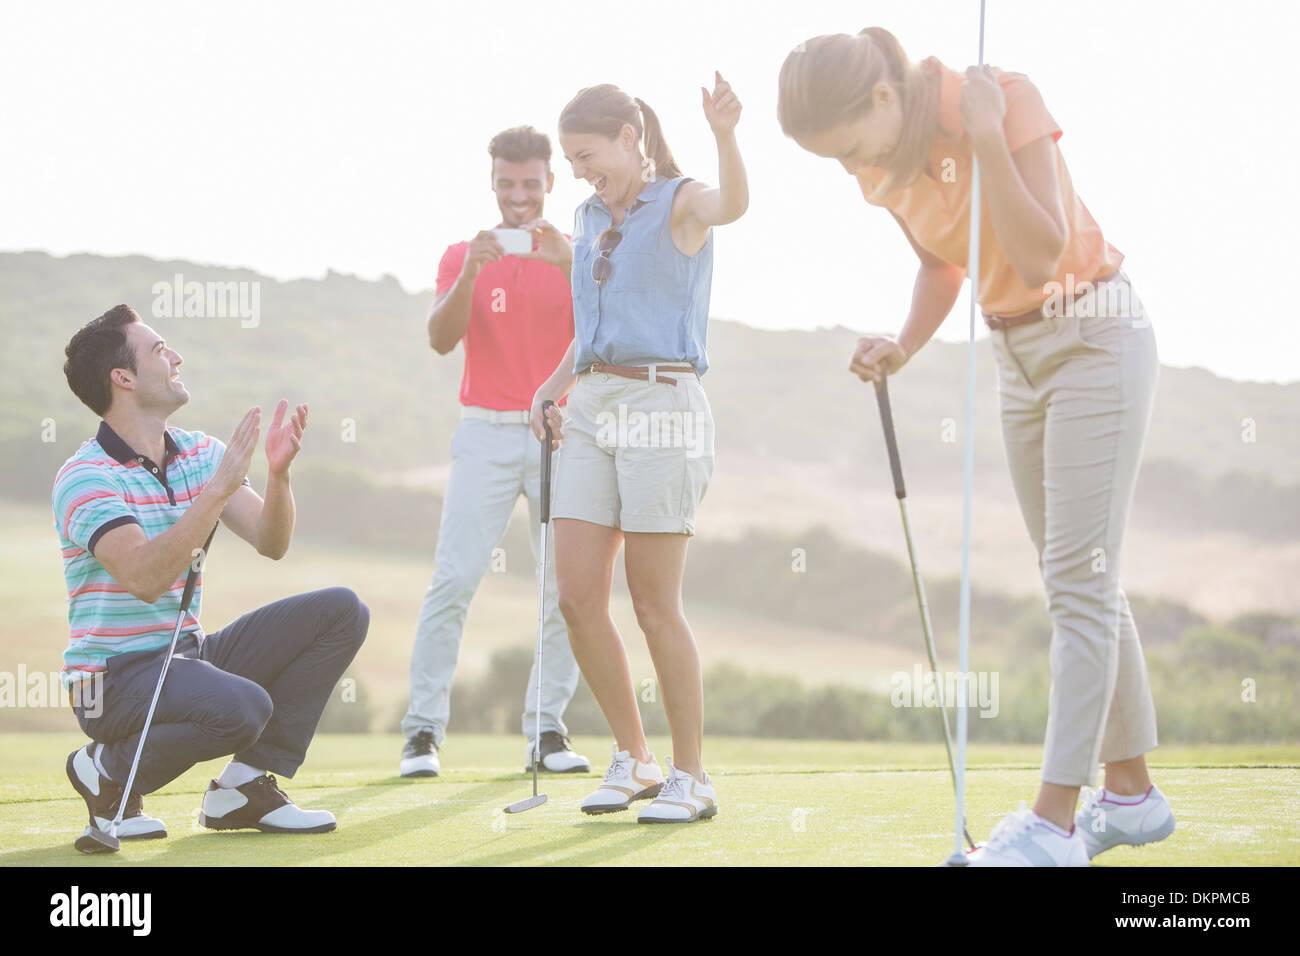 Amici per giocare a golf sul corso Immagini Stock